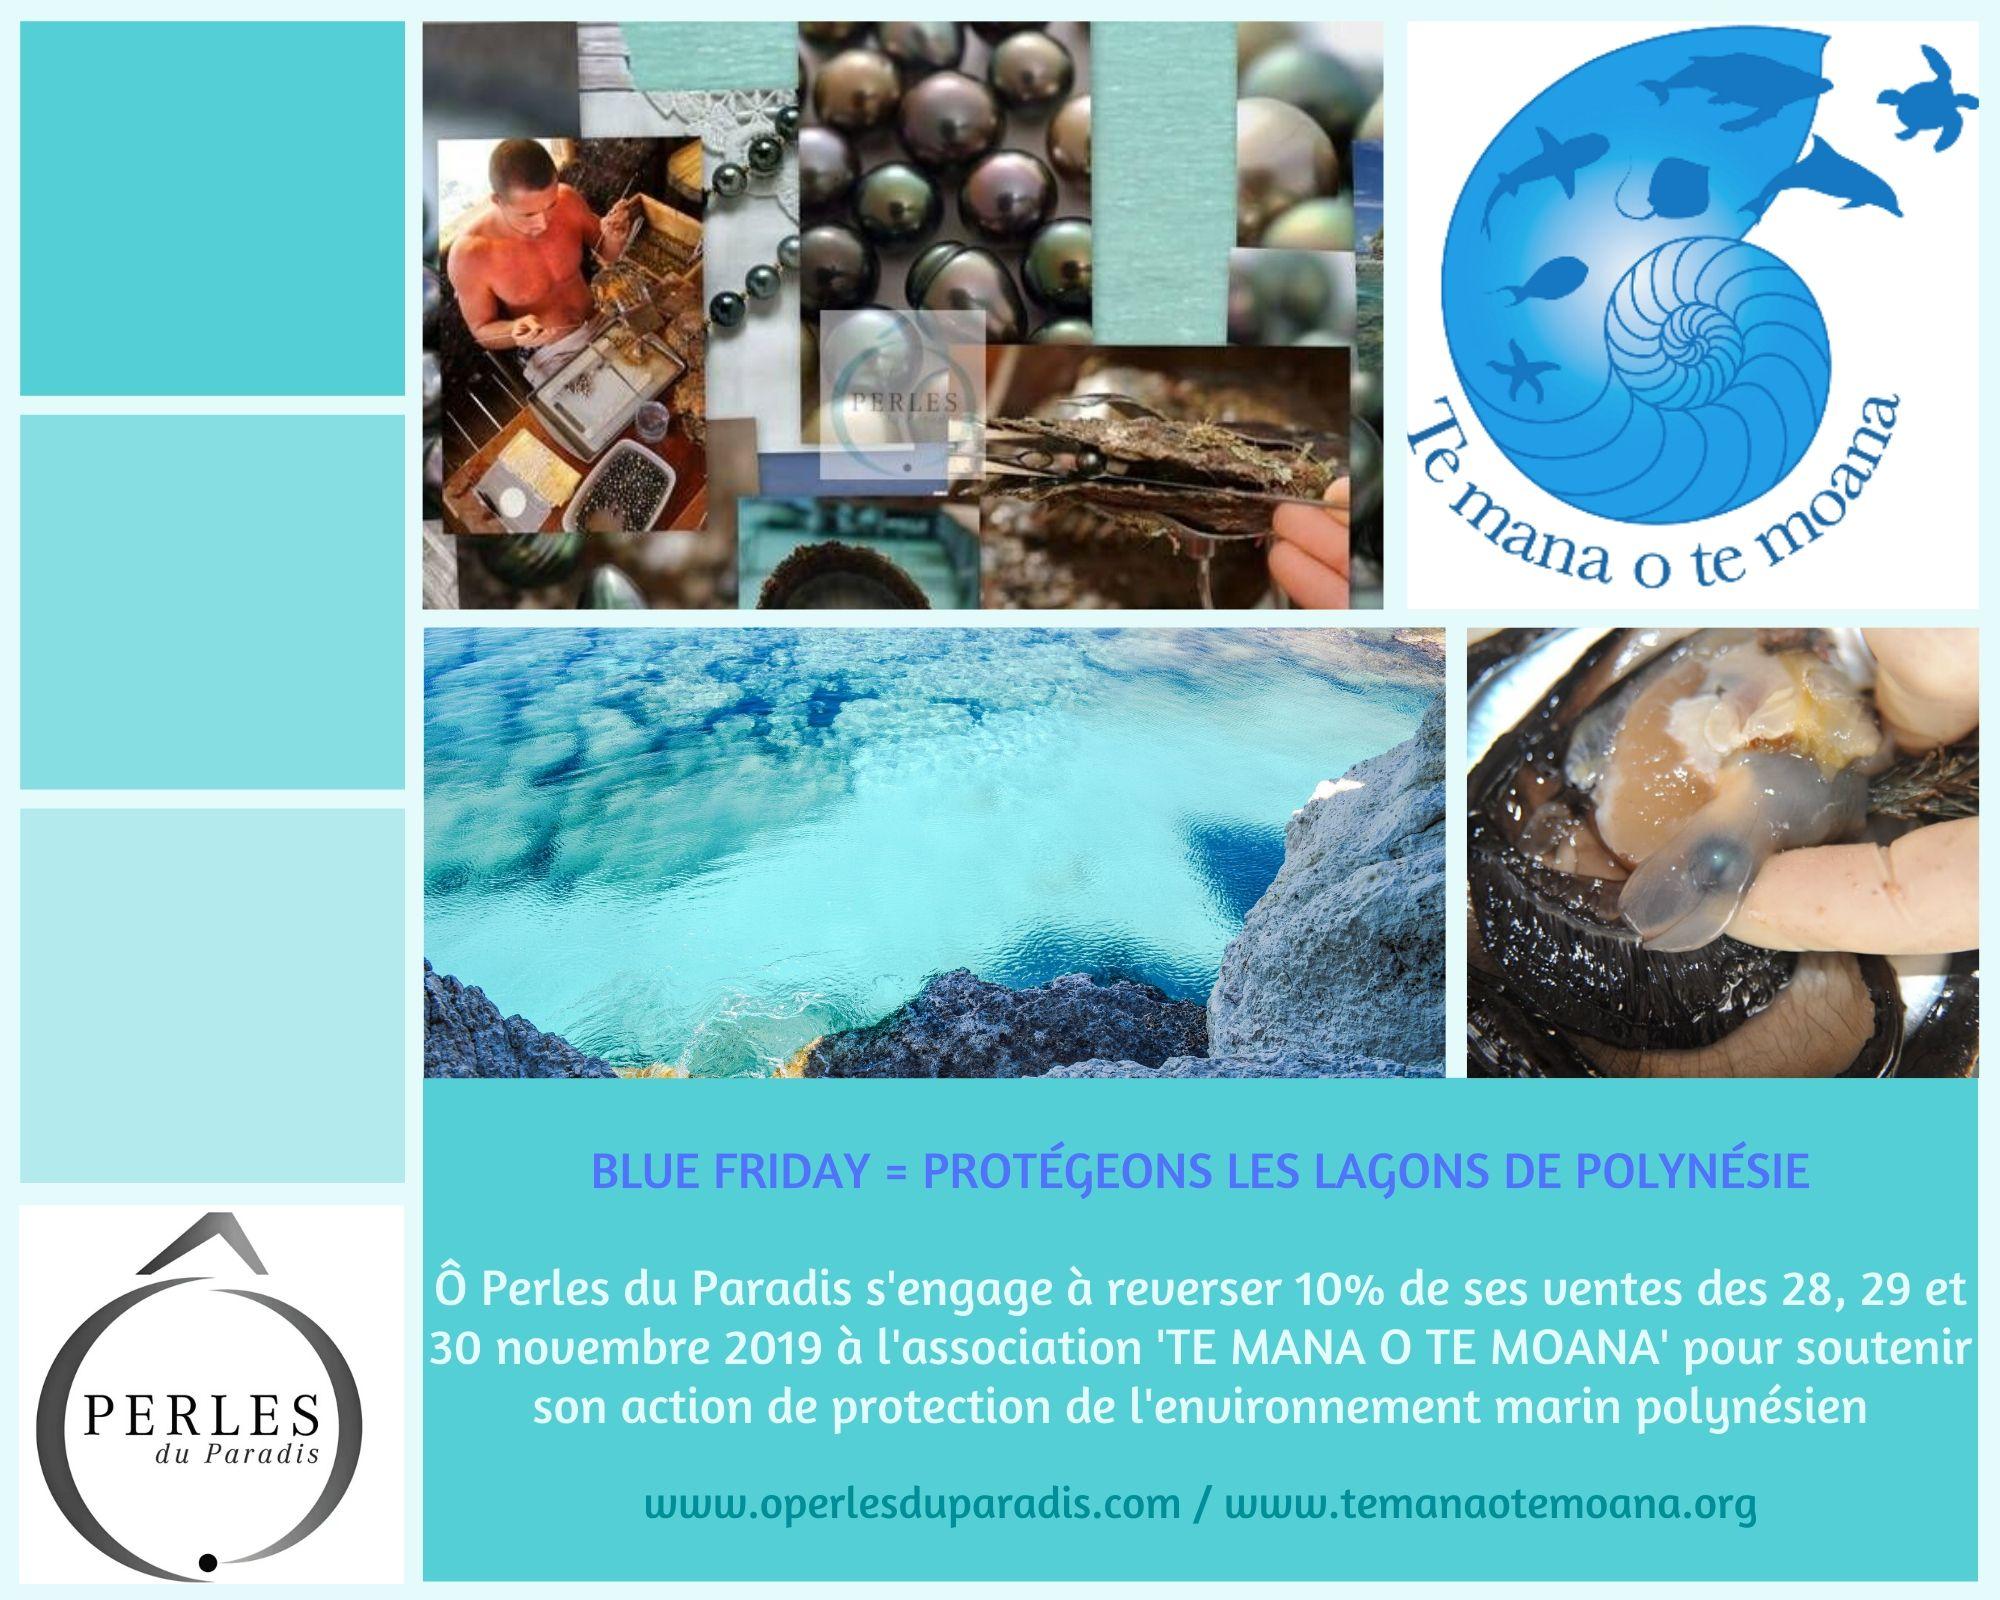 Ô Perles du Paradis soutient Te Mana O Te Moana dans la protection des Océans